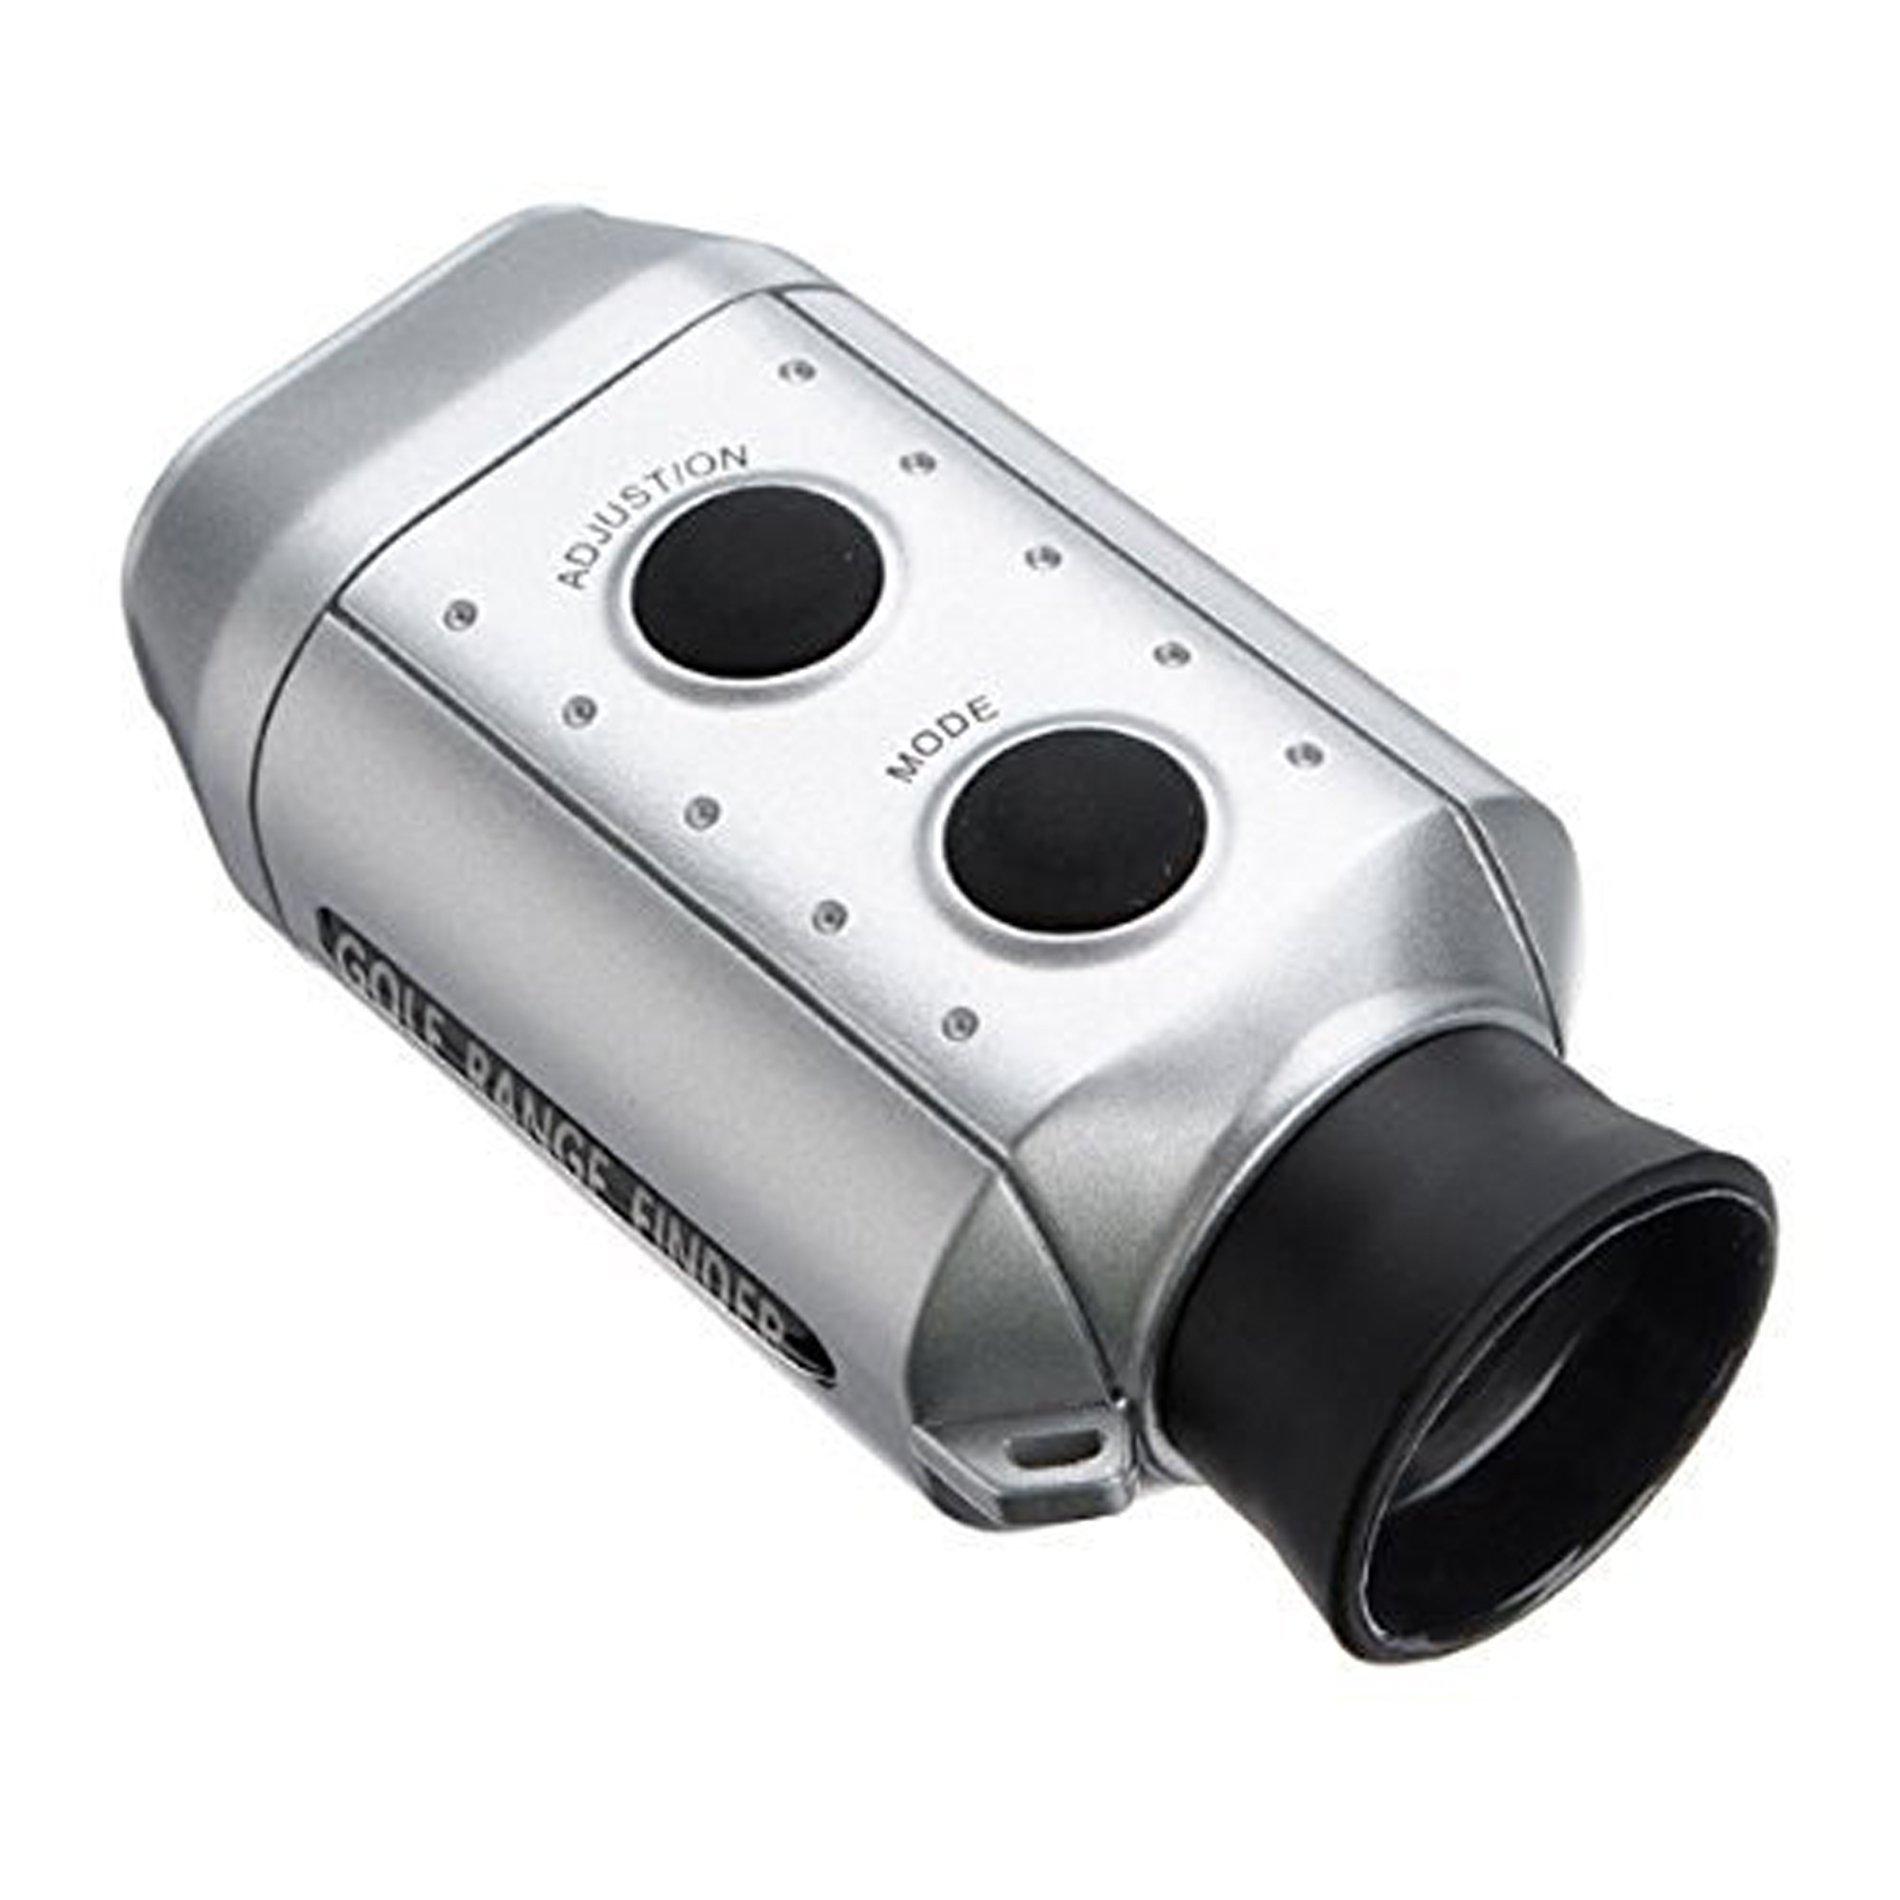 POSMA GF200 Golf Rangefinder Scope Digital Pocket 7x Zoom Golf Range Finder Magnification Distance Measurer by IDS Home (Image #5)